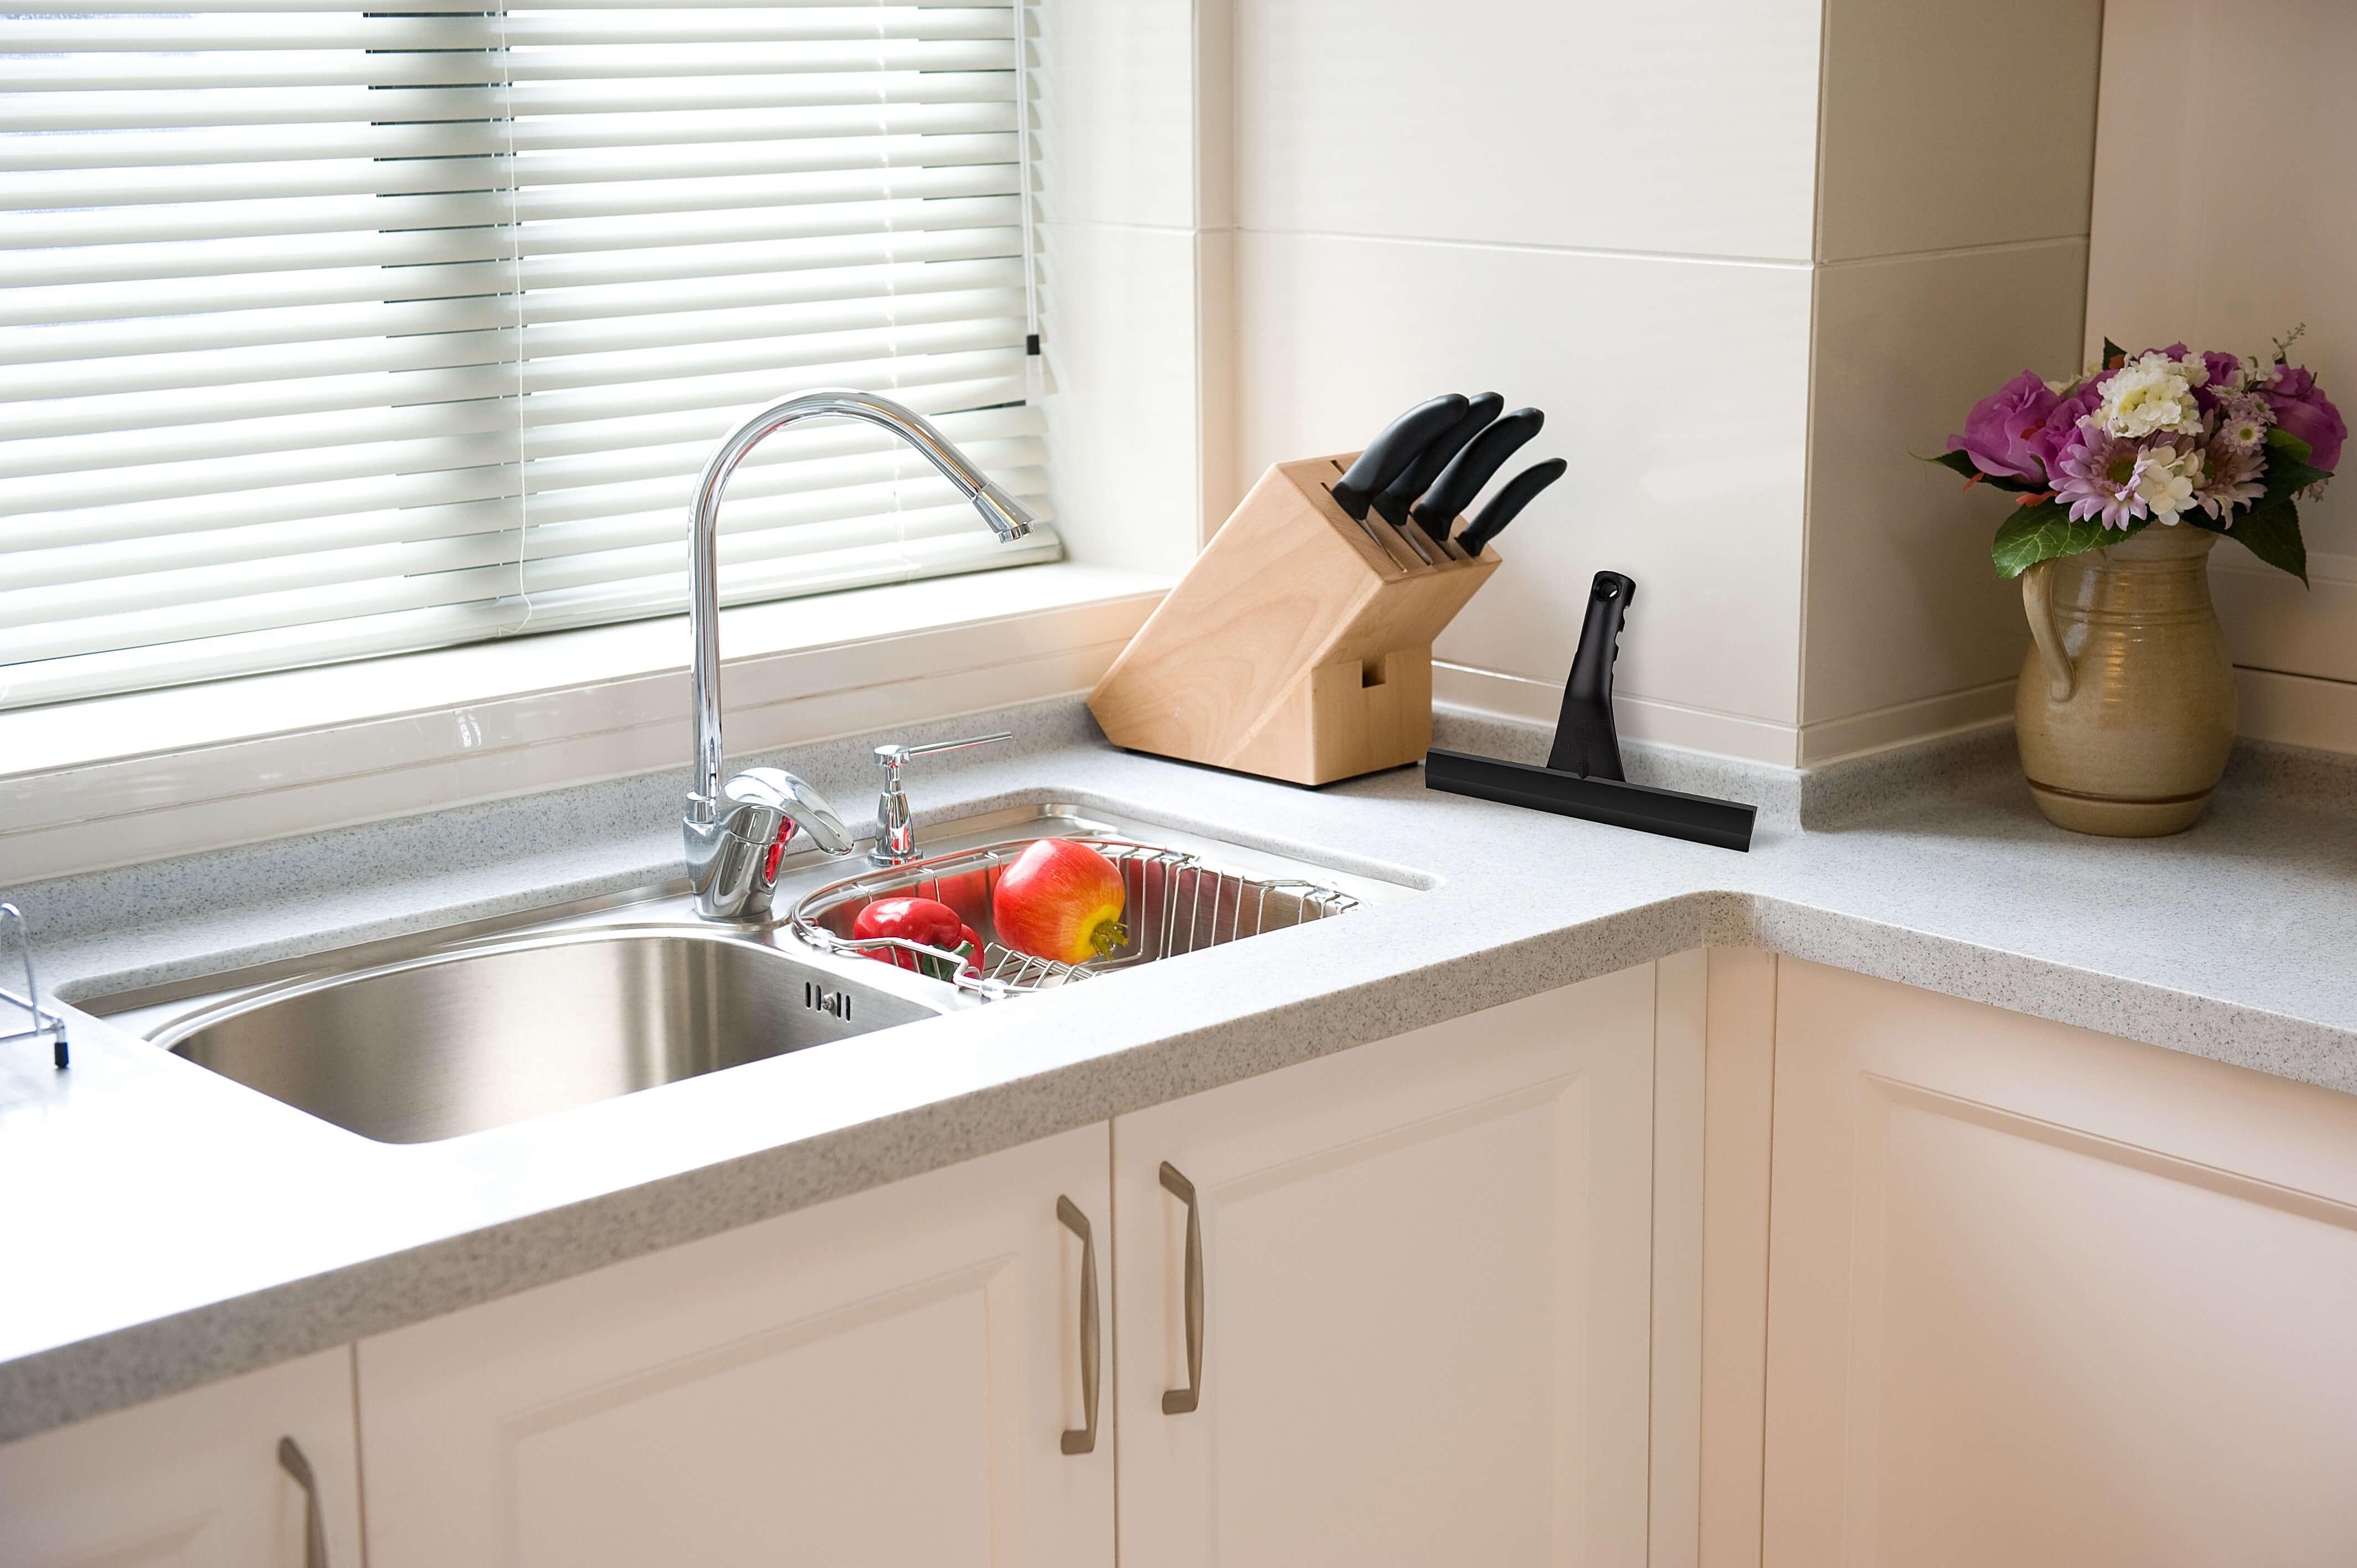 Tipos de fregaderos para la cocina cocimobel - Tipos de fregaderos ...